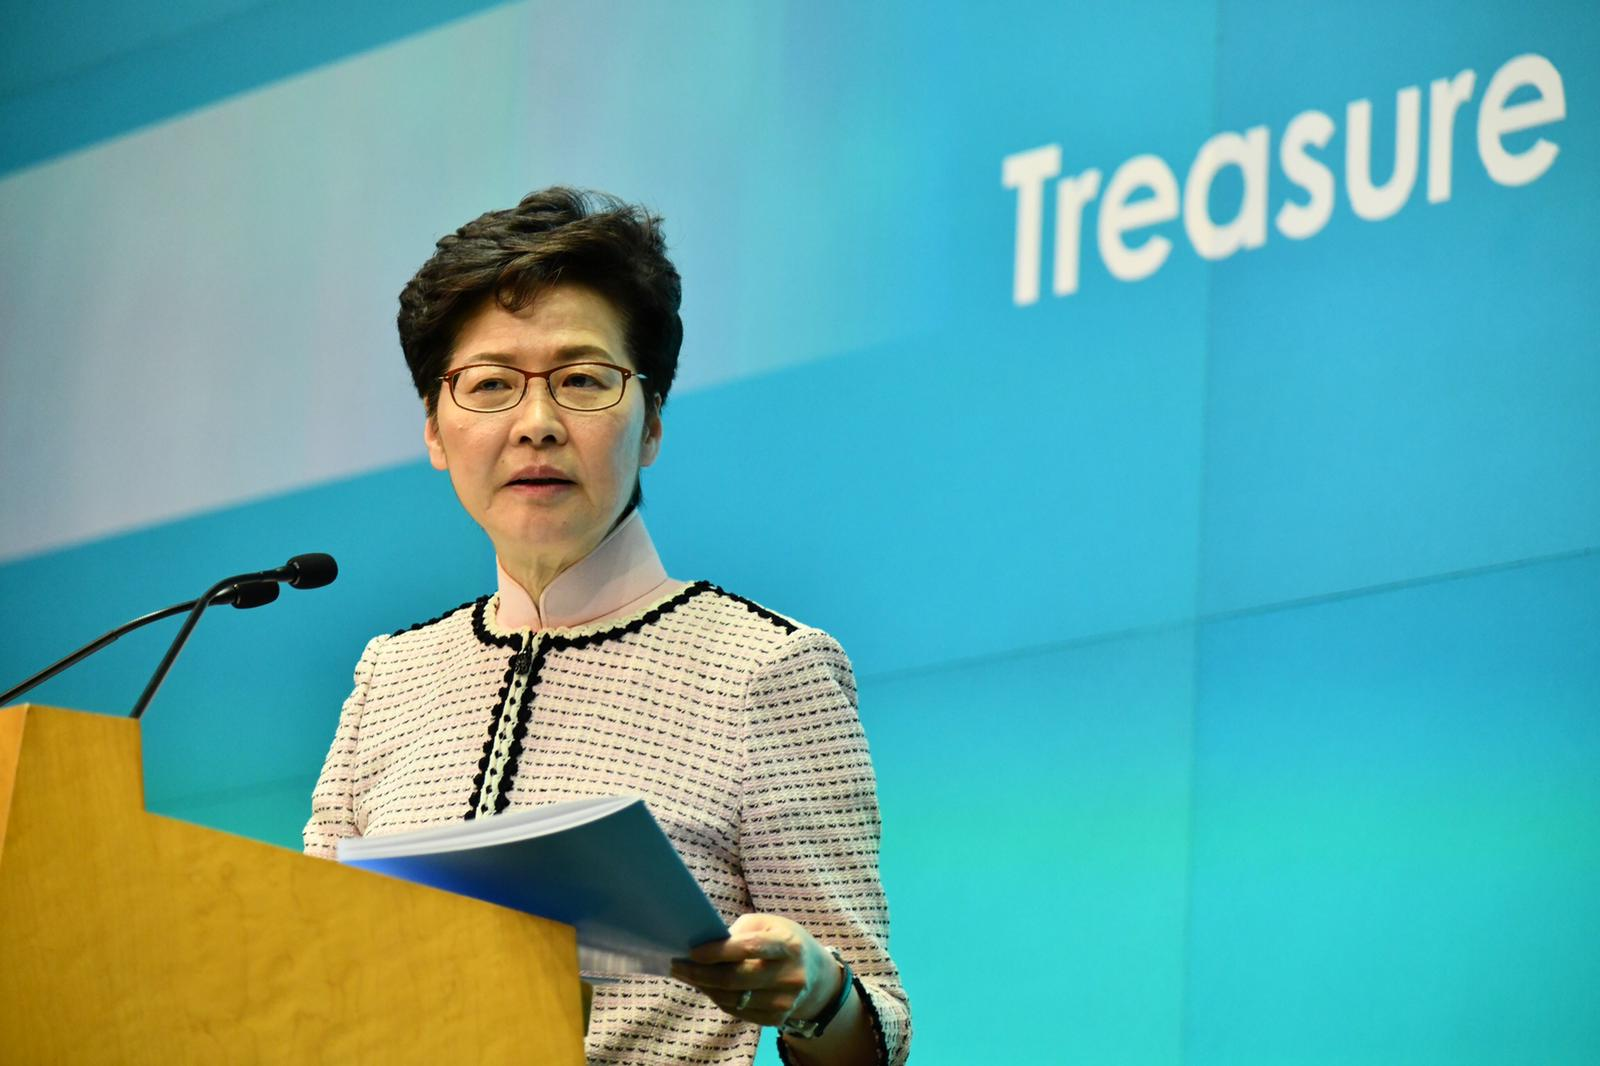 林鄭月娥提醒經濟會進入逆轉,政府收入一定會下降